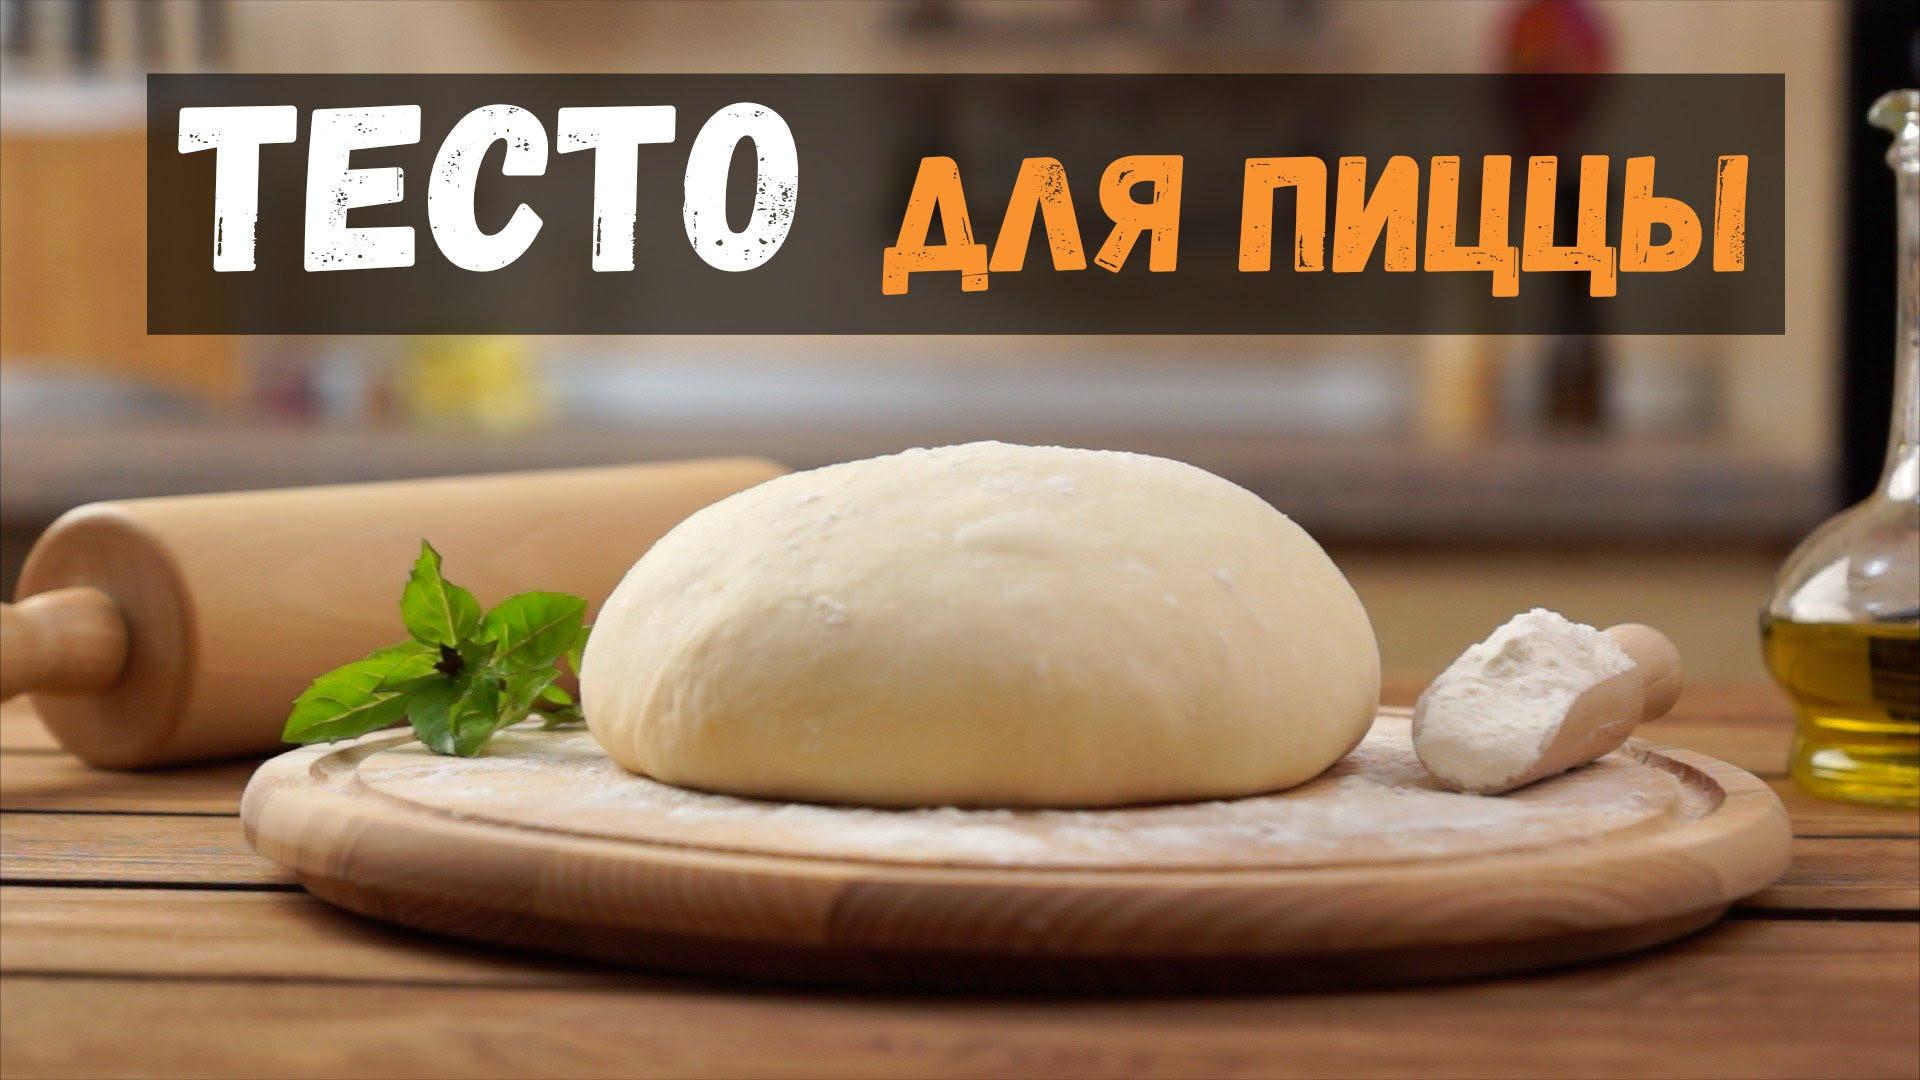 Тесто для пиццы, рецепты с фото на m: 104 рецепта теста